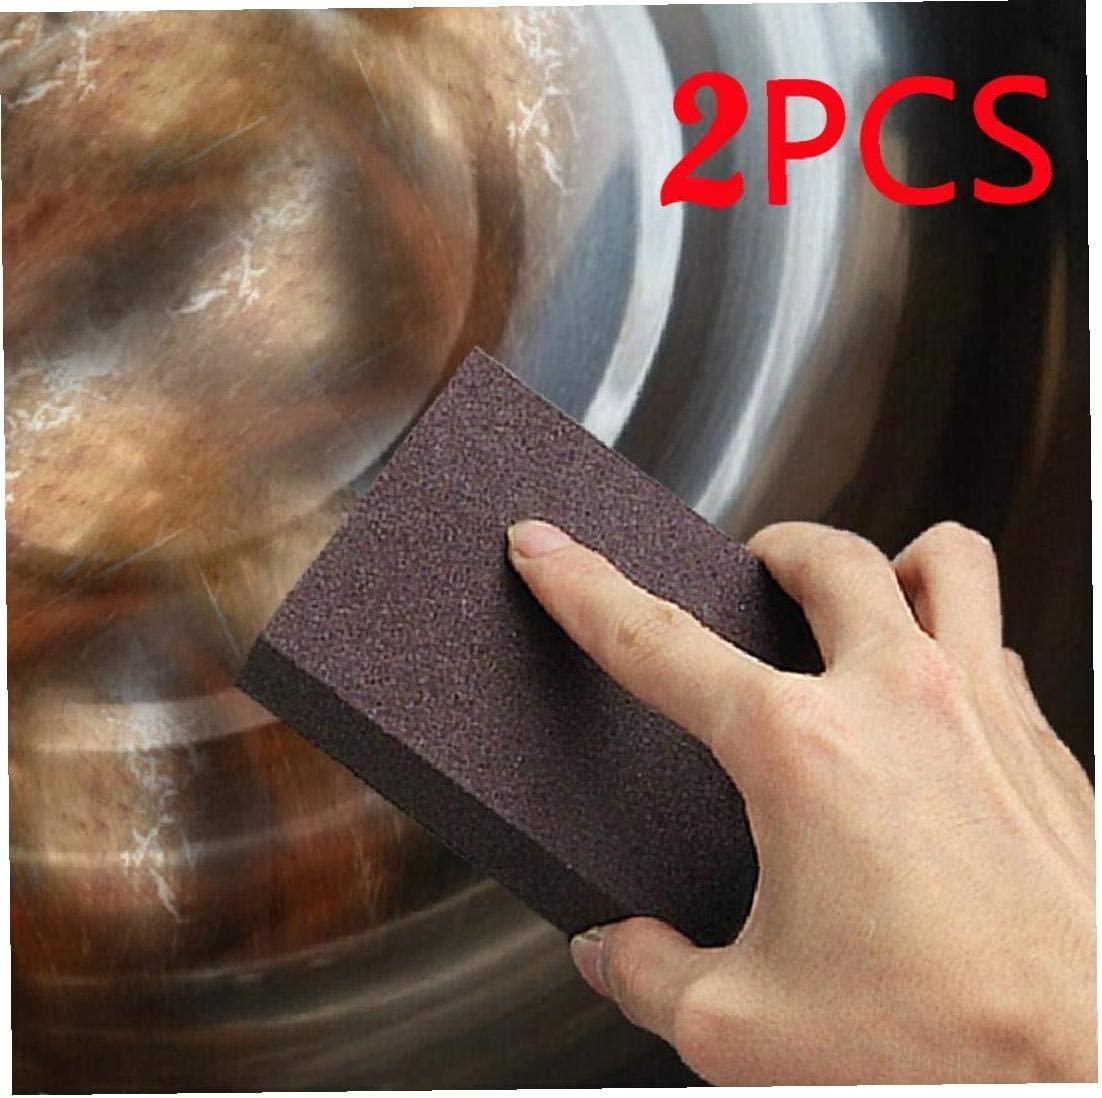 Aisoway Sponge Carborundum Brush Kitchen Home Washing Cleaner Tool 2 Pcs